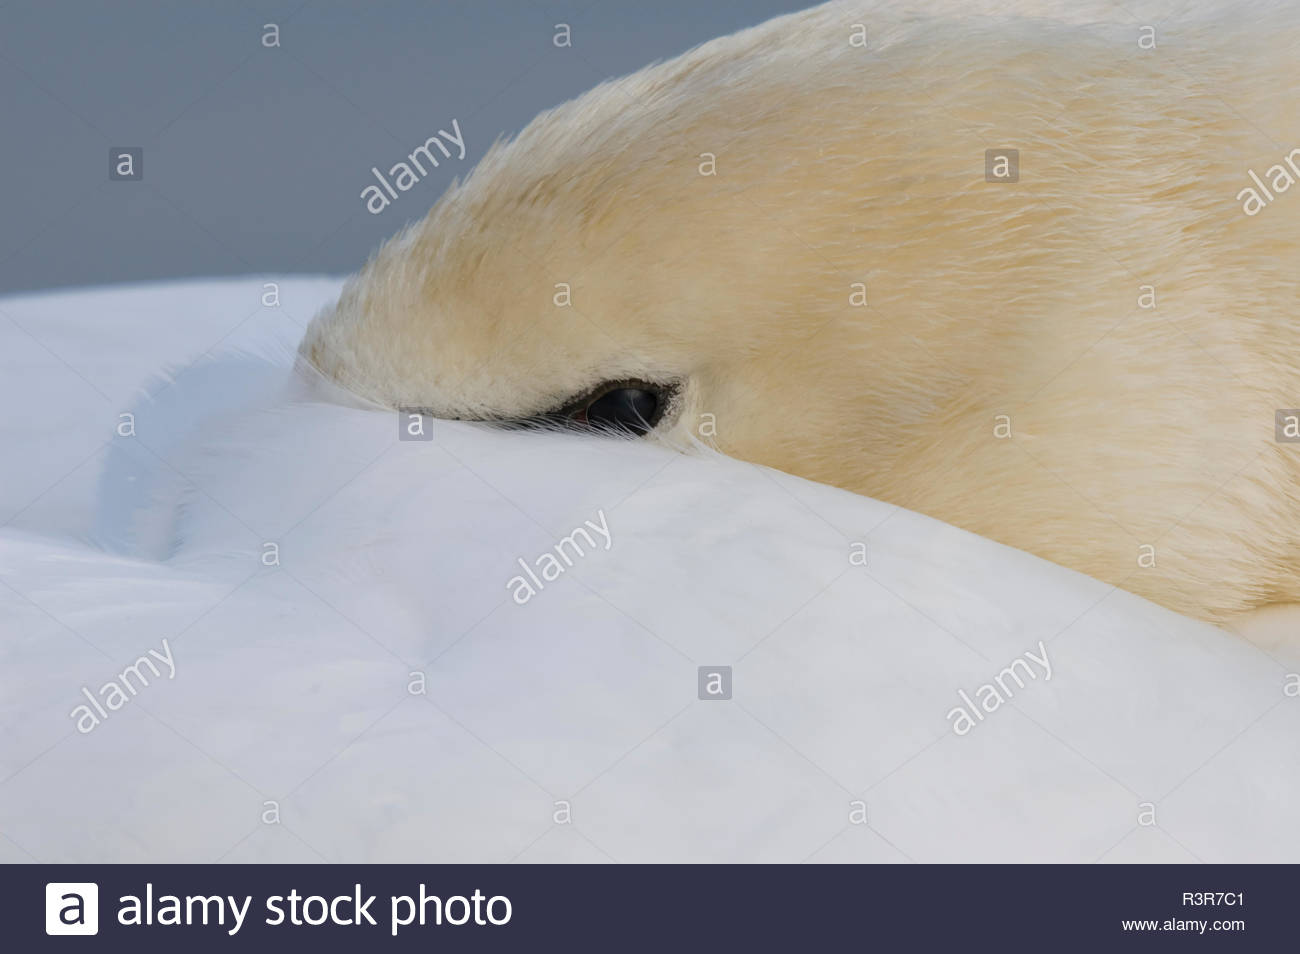 Schwan schläft und hat den Schnabel unter dem Gefieder - Stock Image